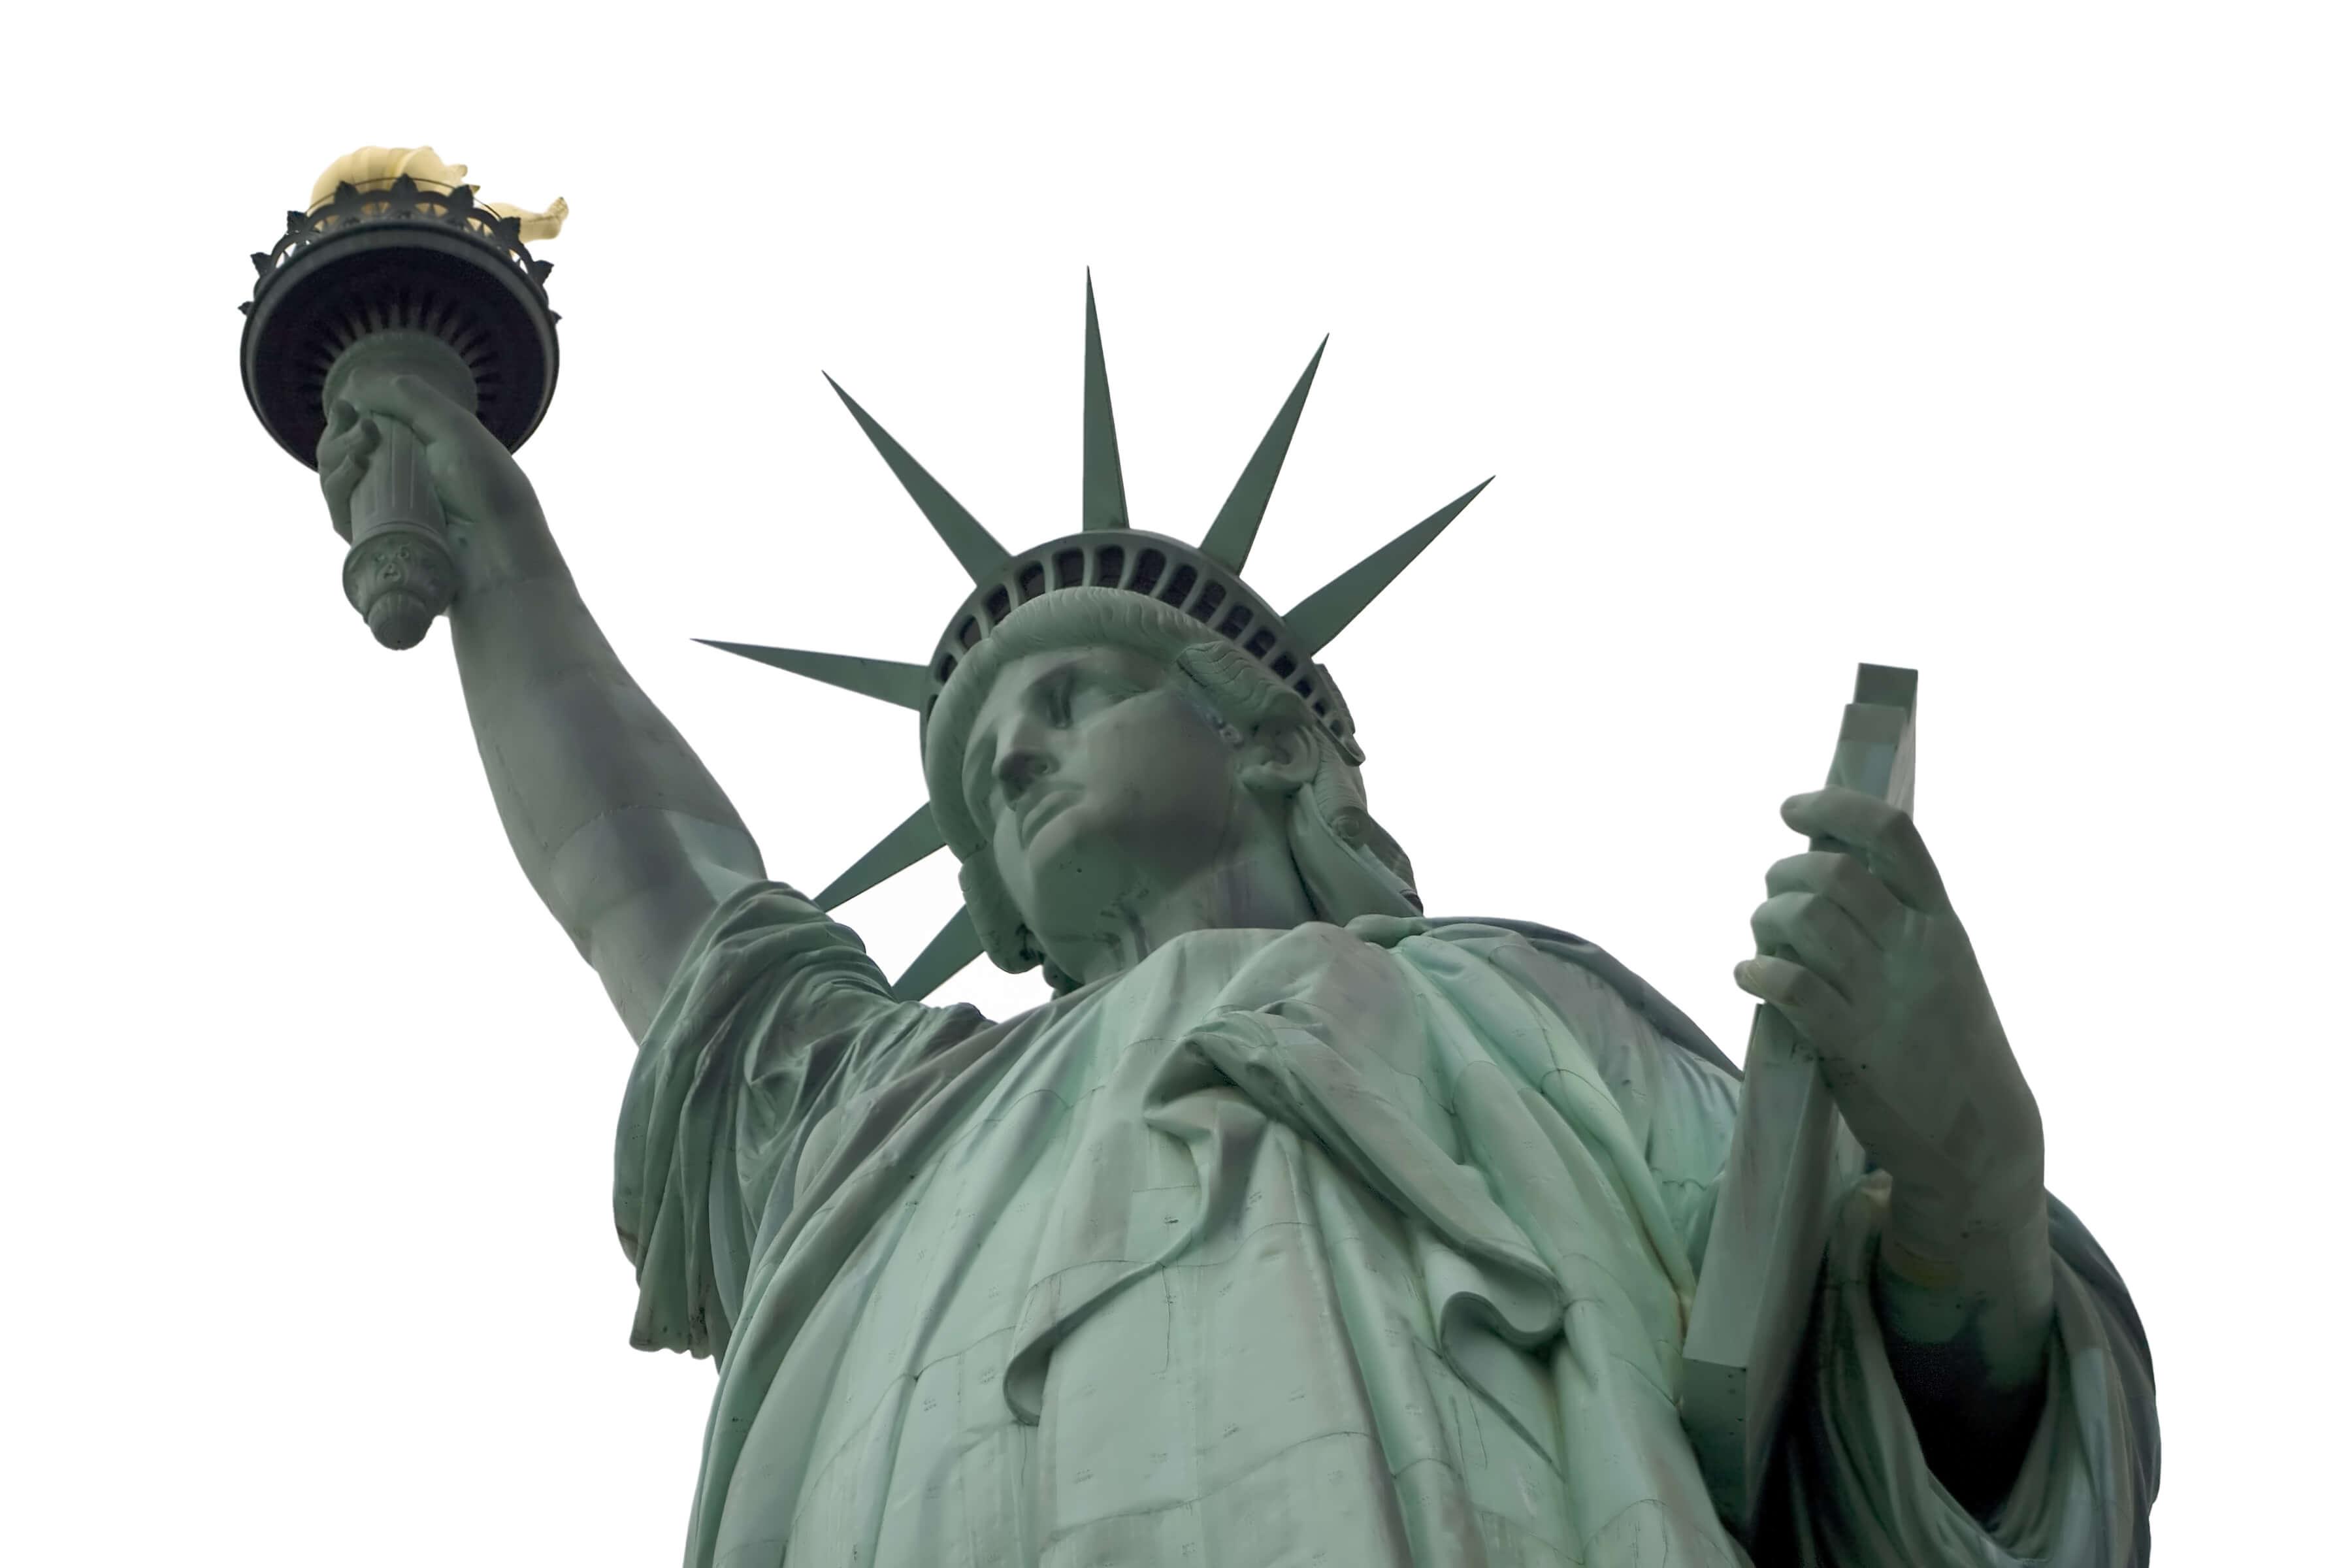 איך להוציא ויזה לארצות הברית - מדריך